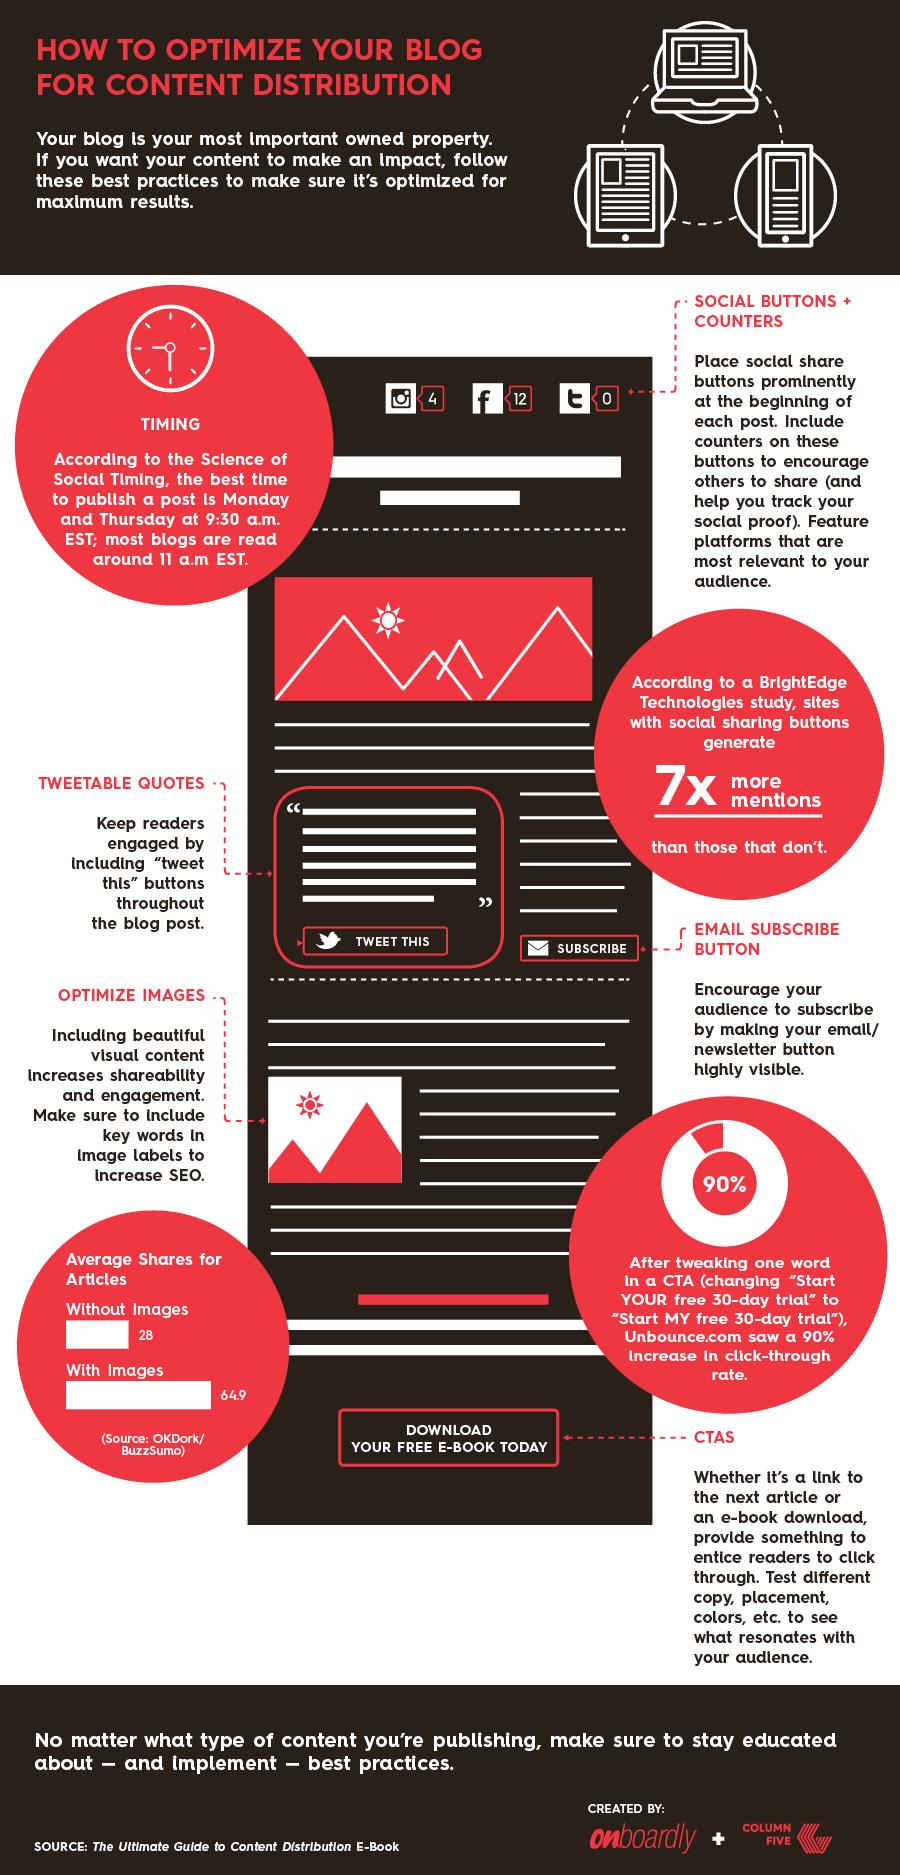 HowtoOptimizeblog Infographic Idea